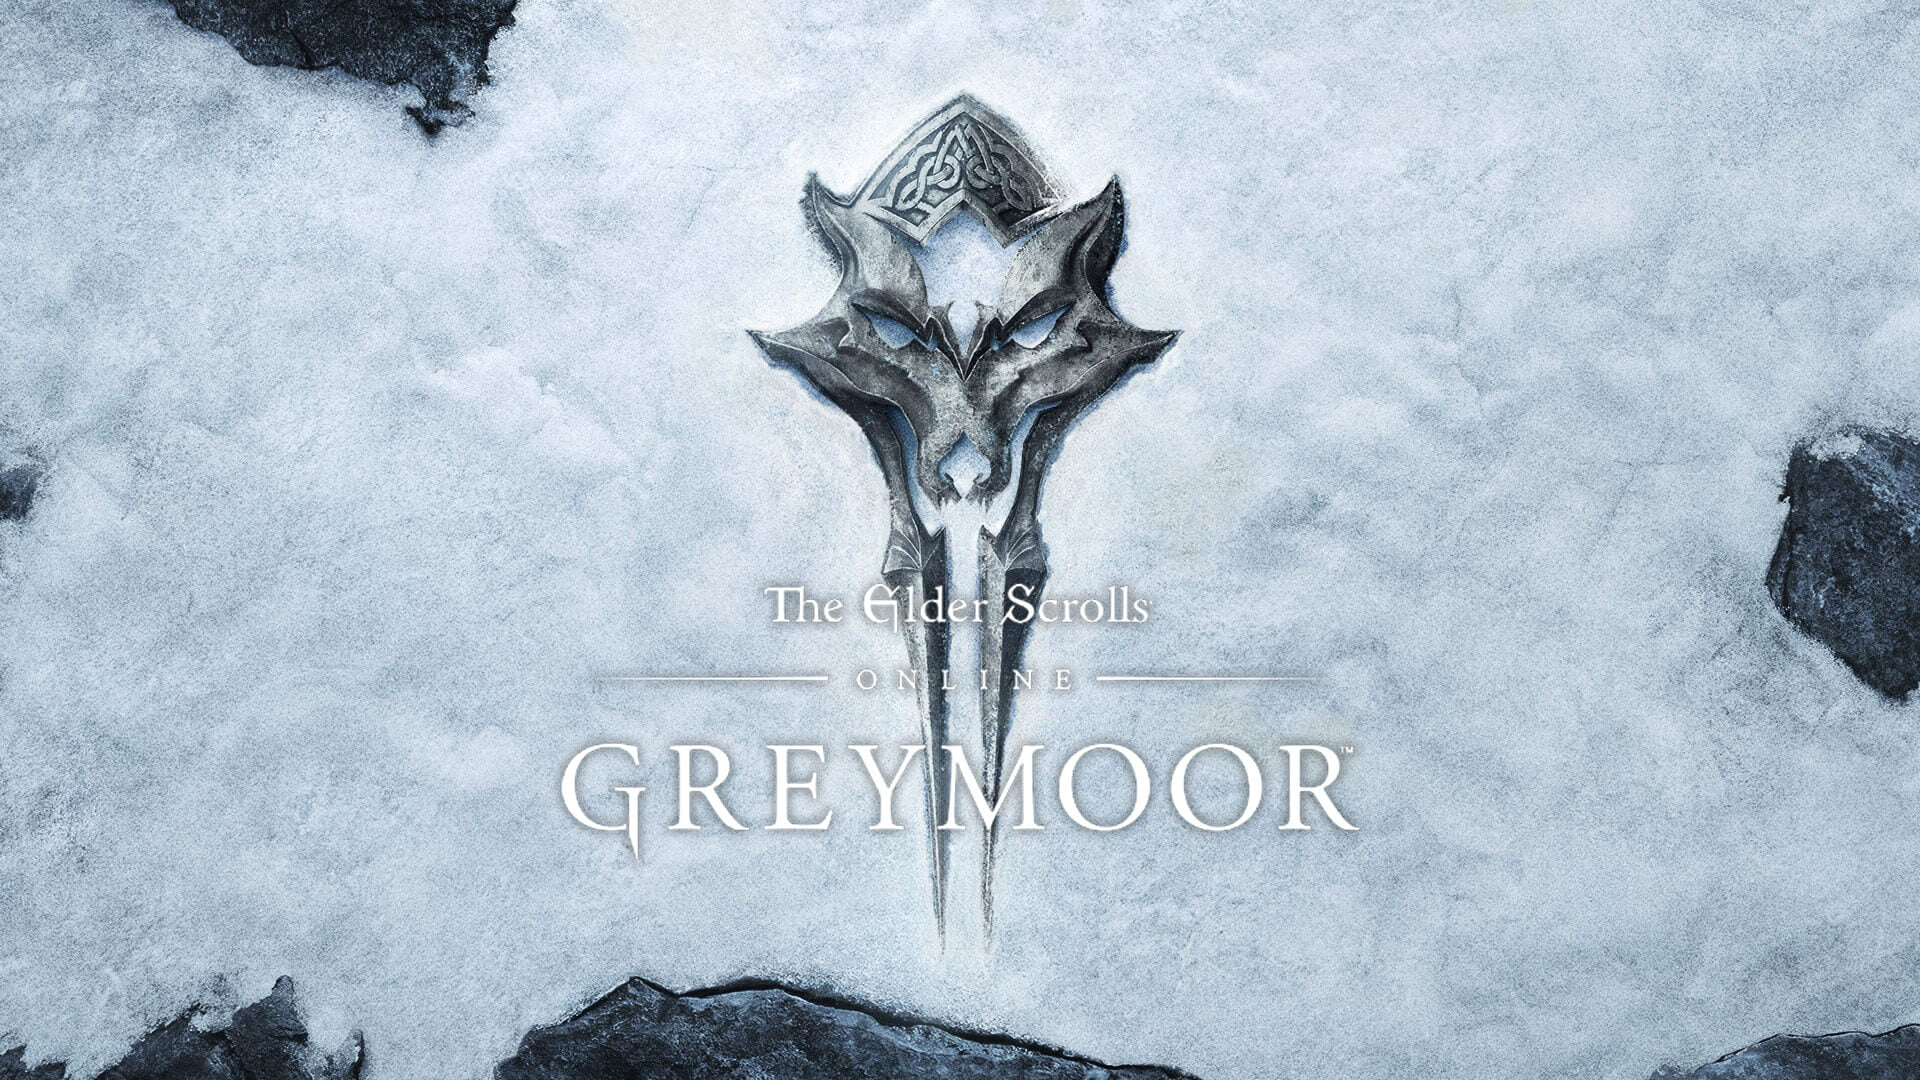 The Elder Scrolls Online - Greymoor Upgrade Steam Gift